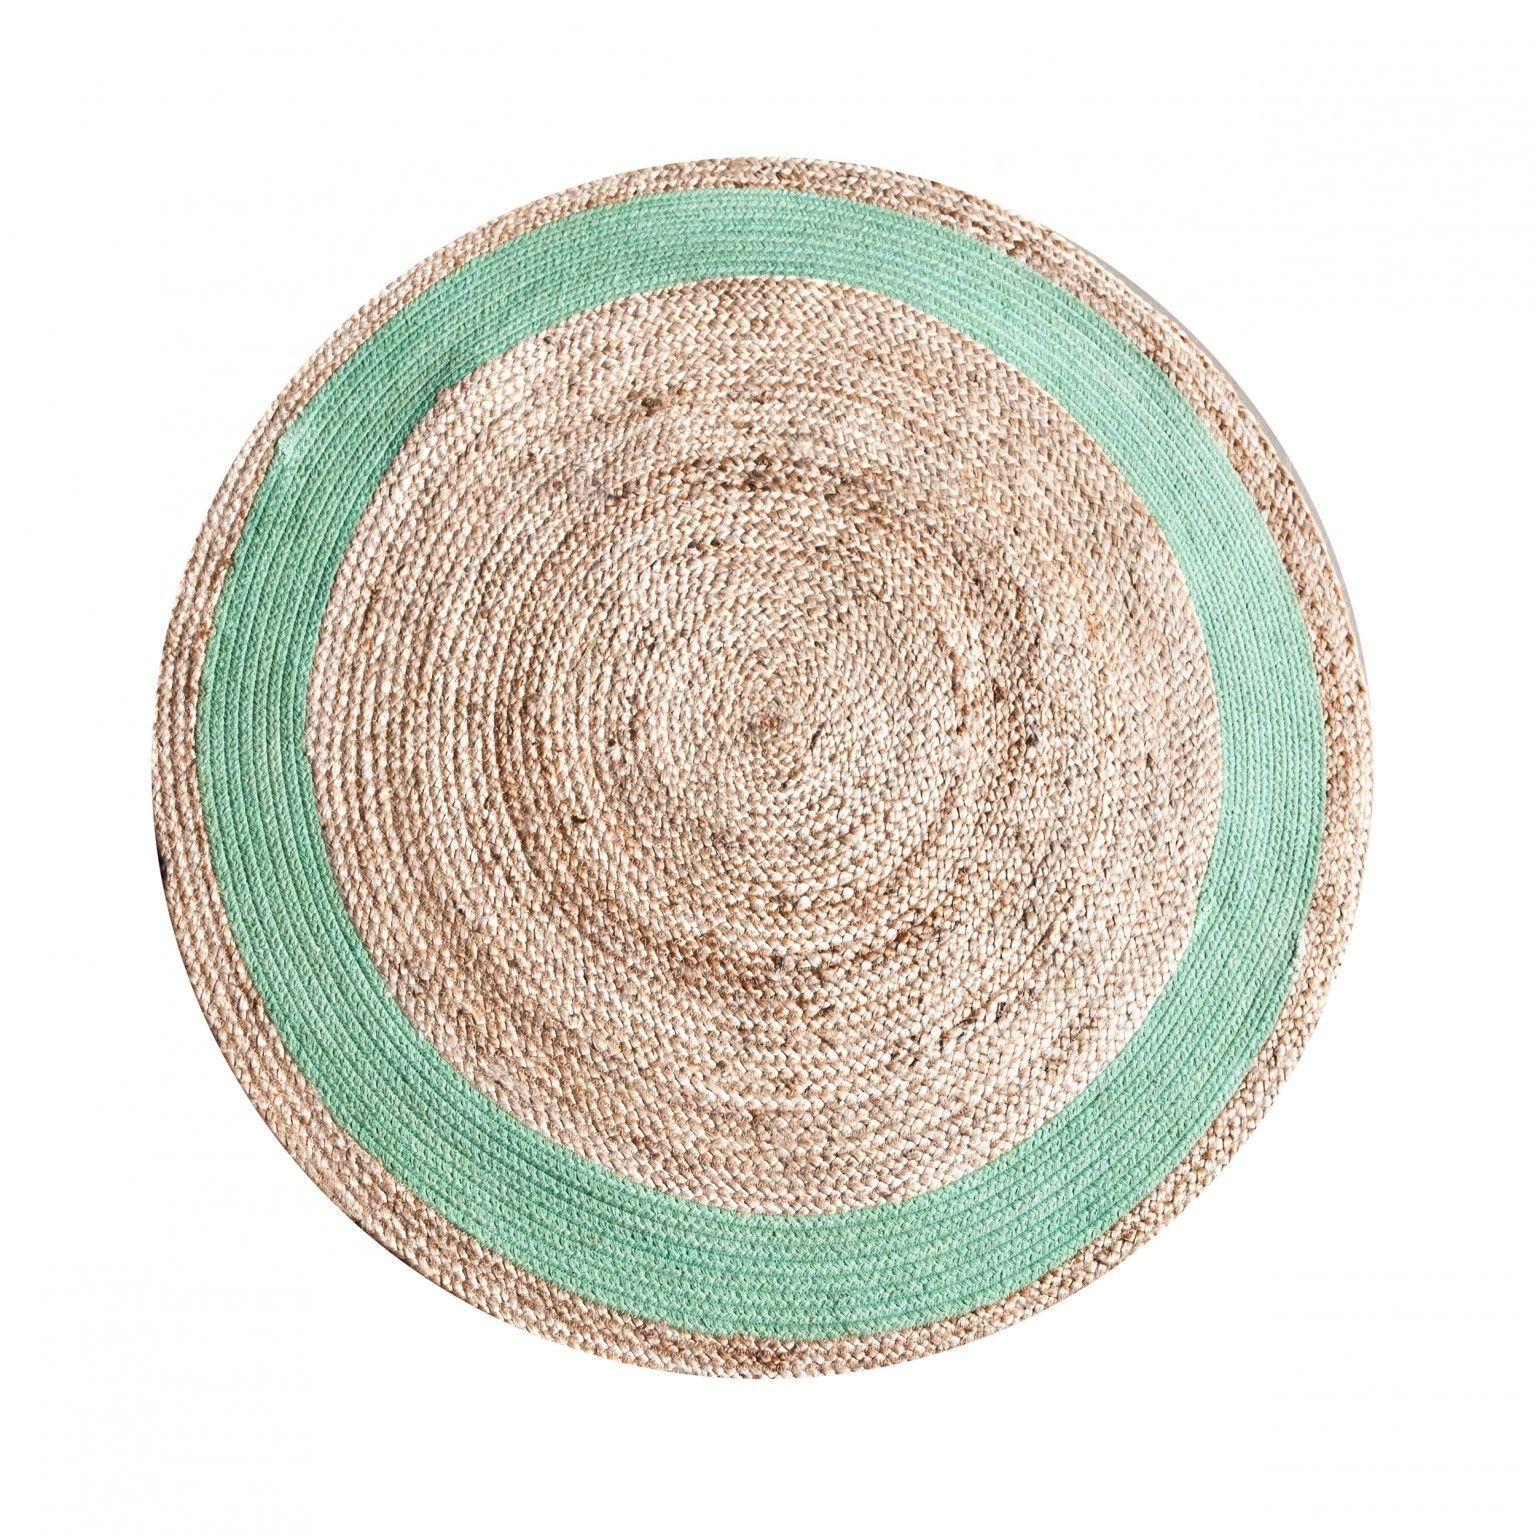 By-Boo Vloerkleed 'Jute Round' 120 cm, kleur groen